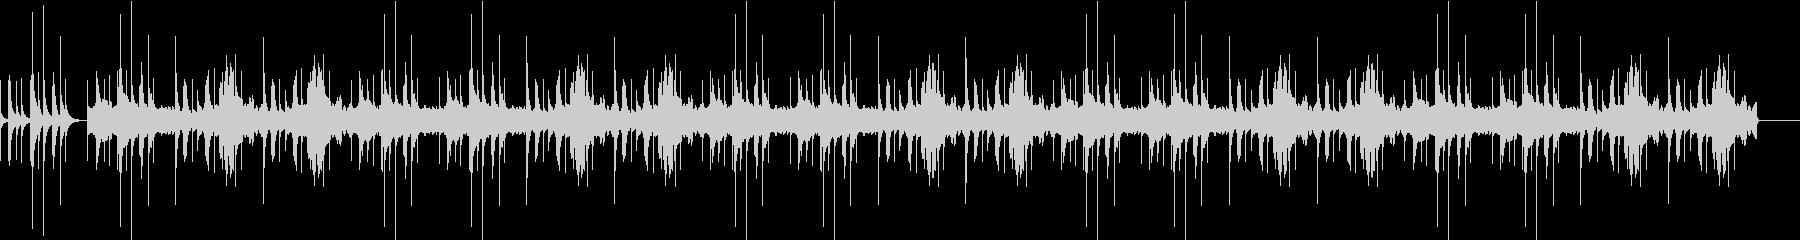 不気味なオルゴールのホラーbgmの未再生の波形